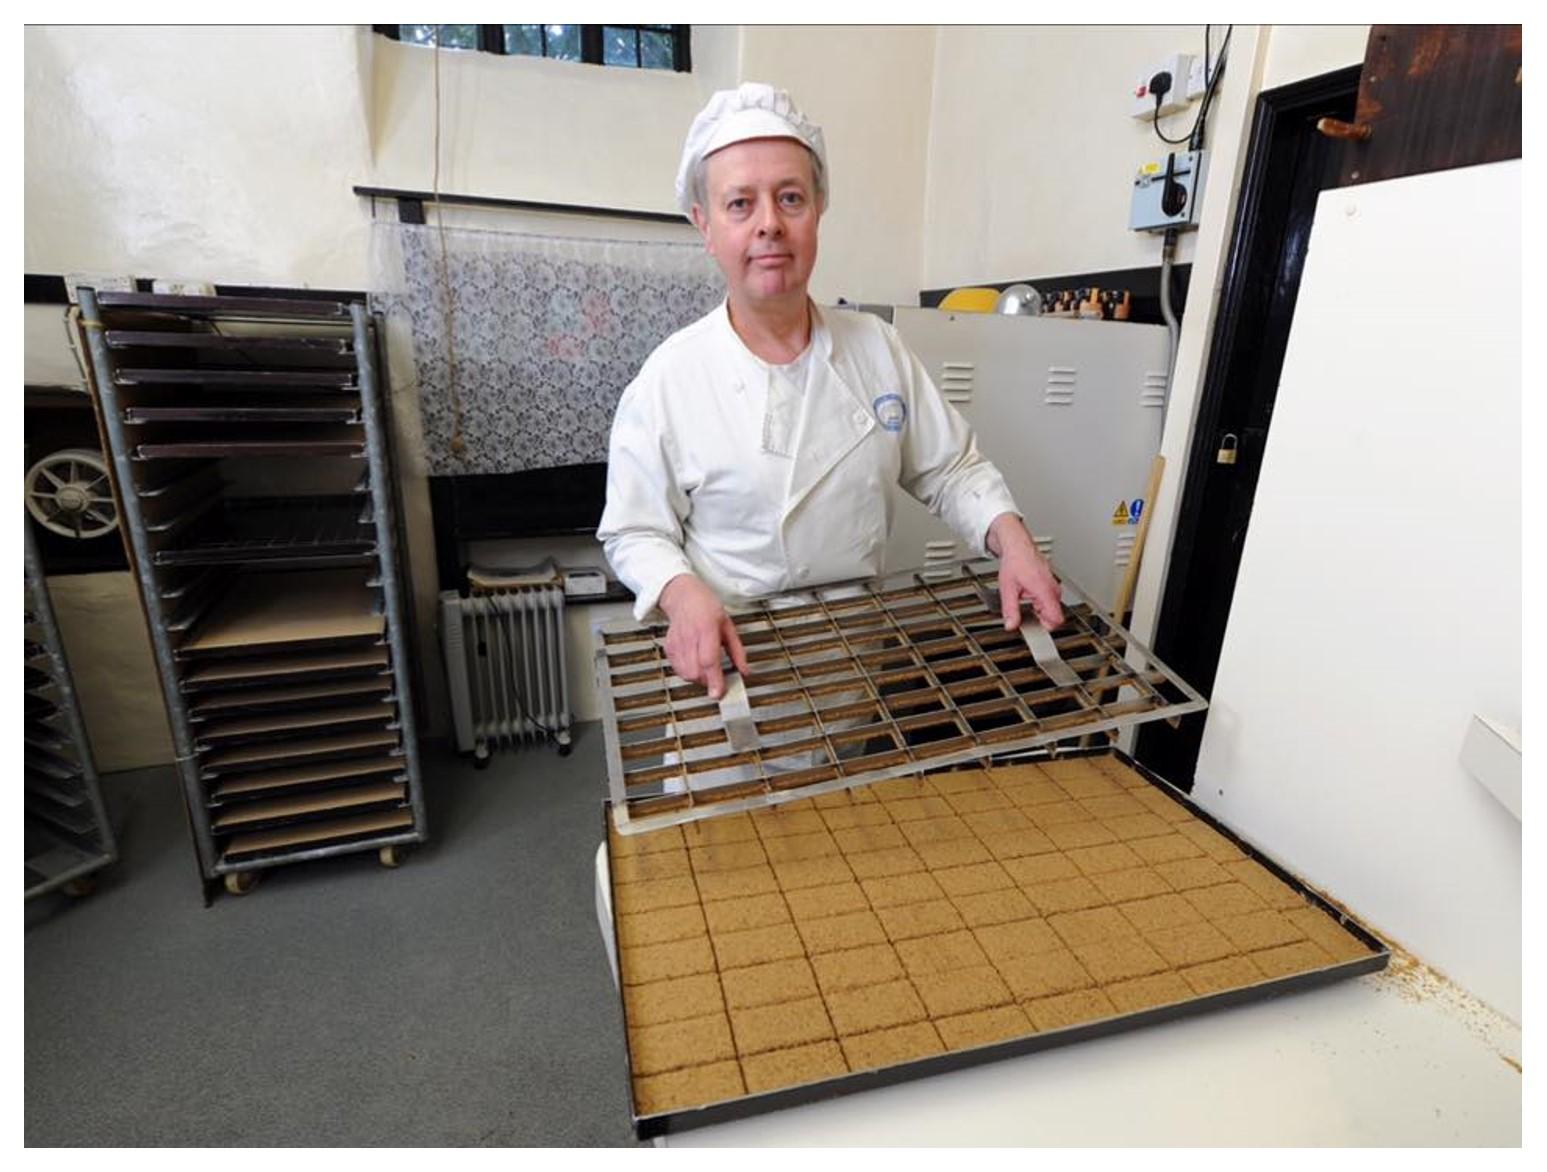 Bakery-Nigel